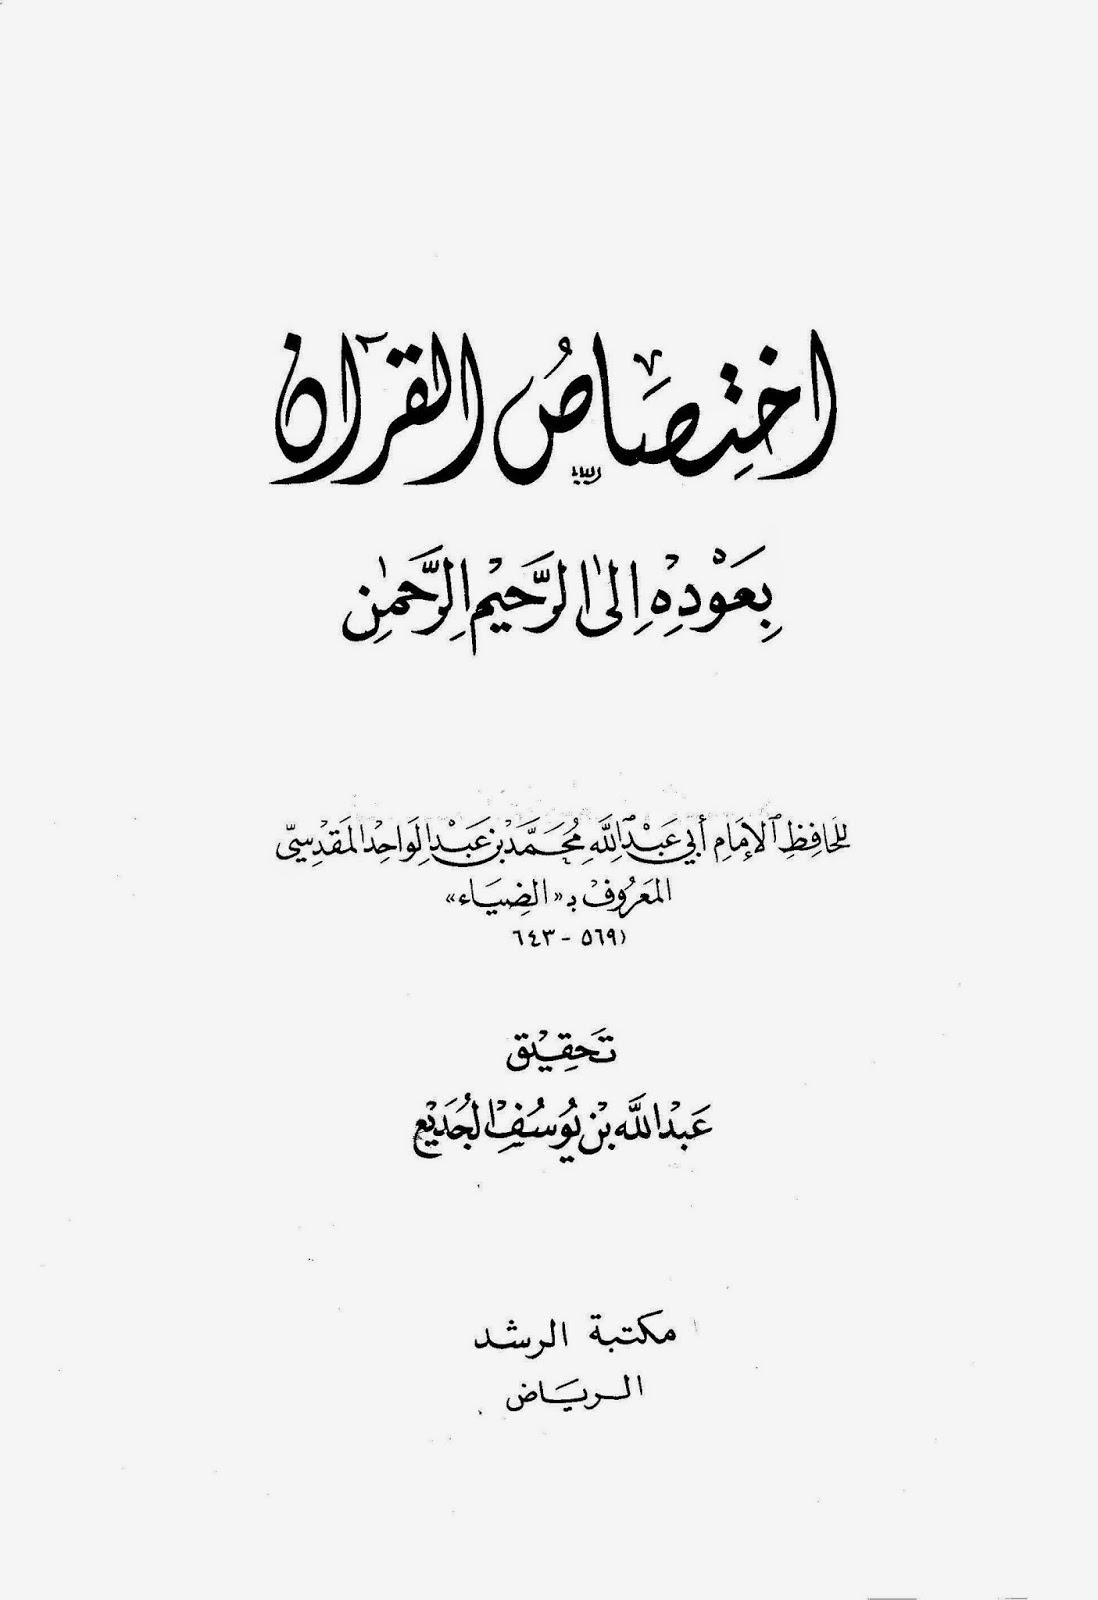 اختصاص القرآن بعوده إلى الرحيم الرحمن - لابن عبد الواحد المقدسي pdf